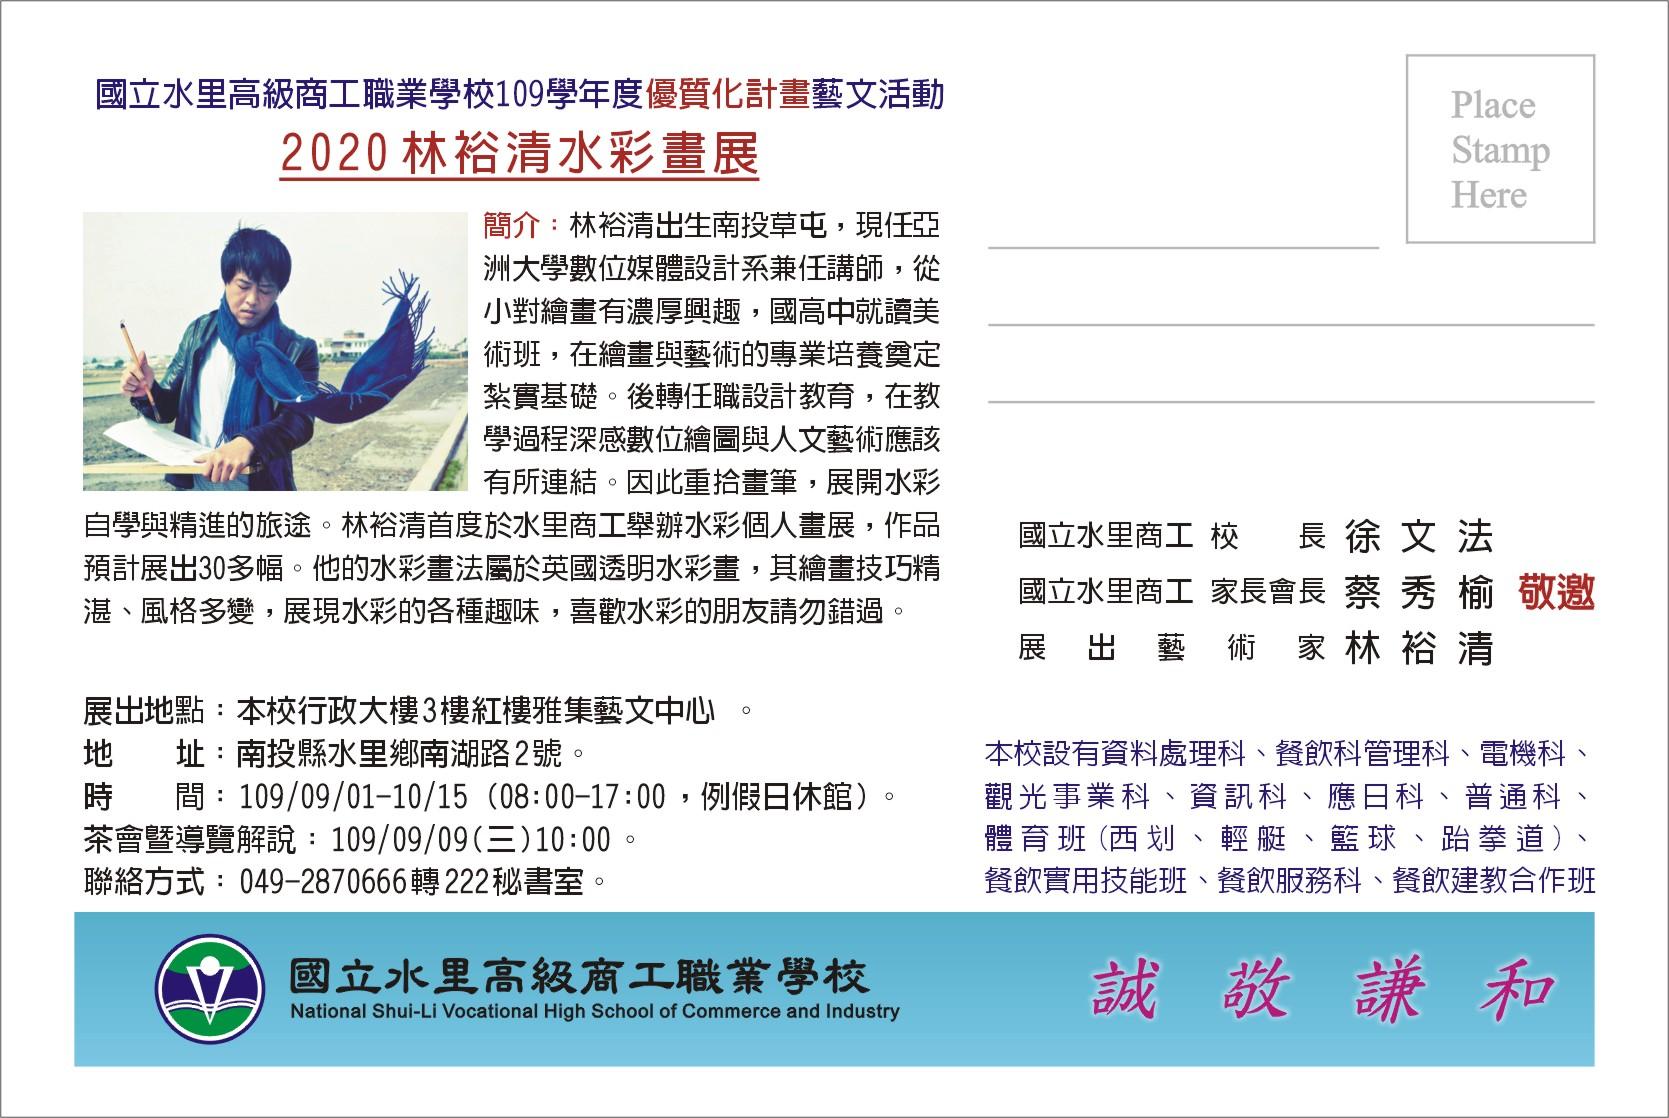 2020林裕清水彩畫展 展覽邀請卡2